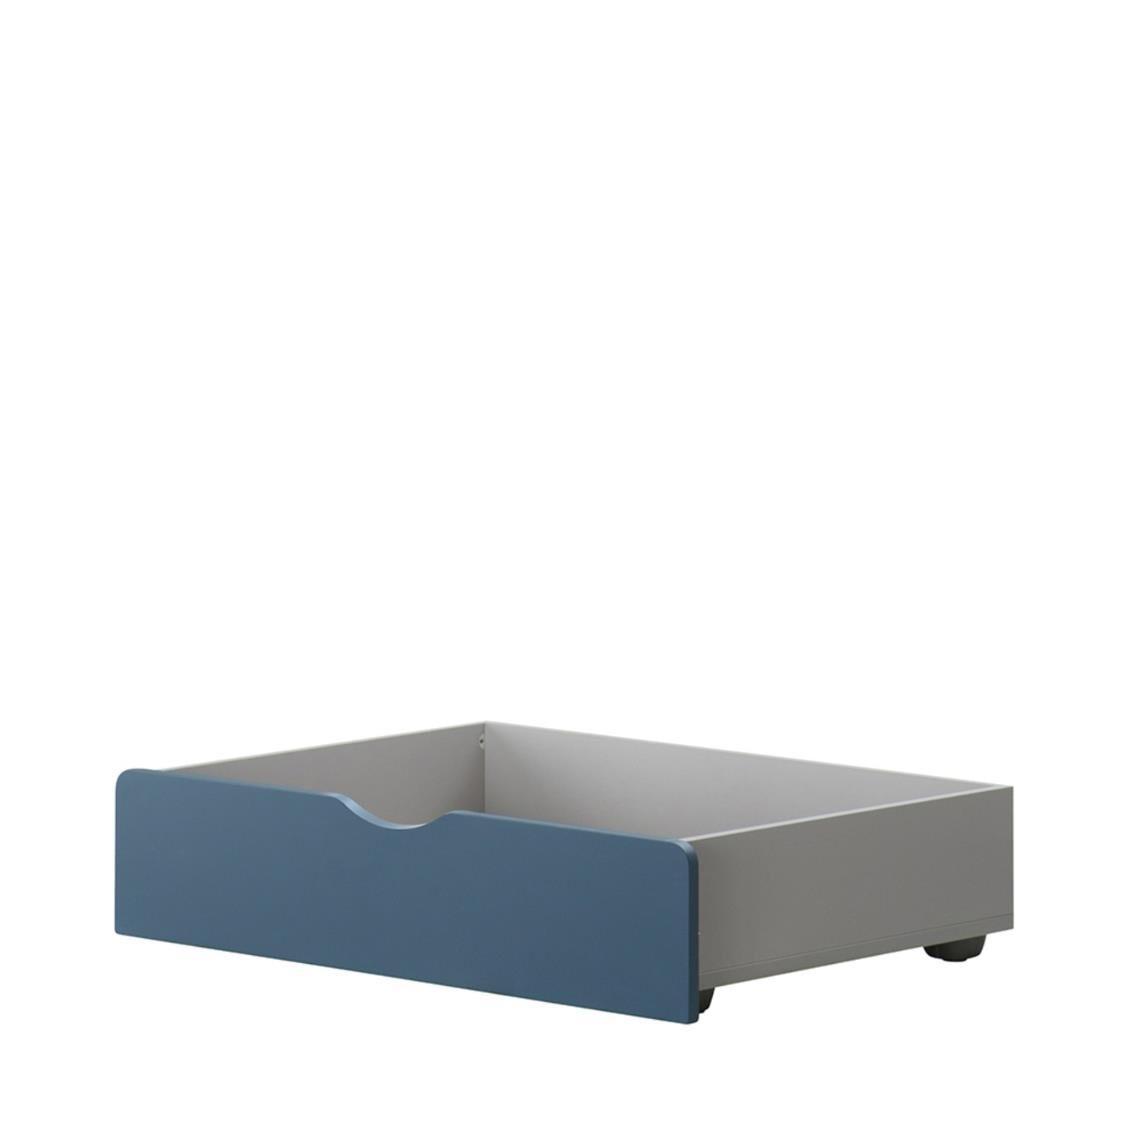 Iloom Tinkle Pop Bed Drawer KB Blue